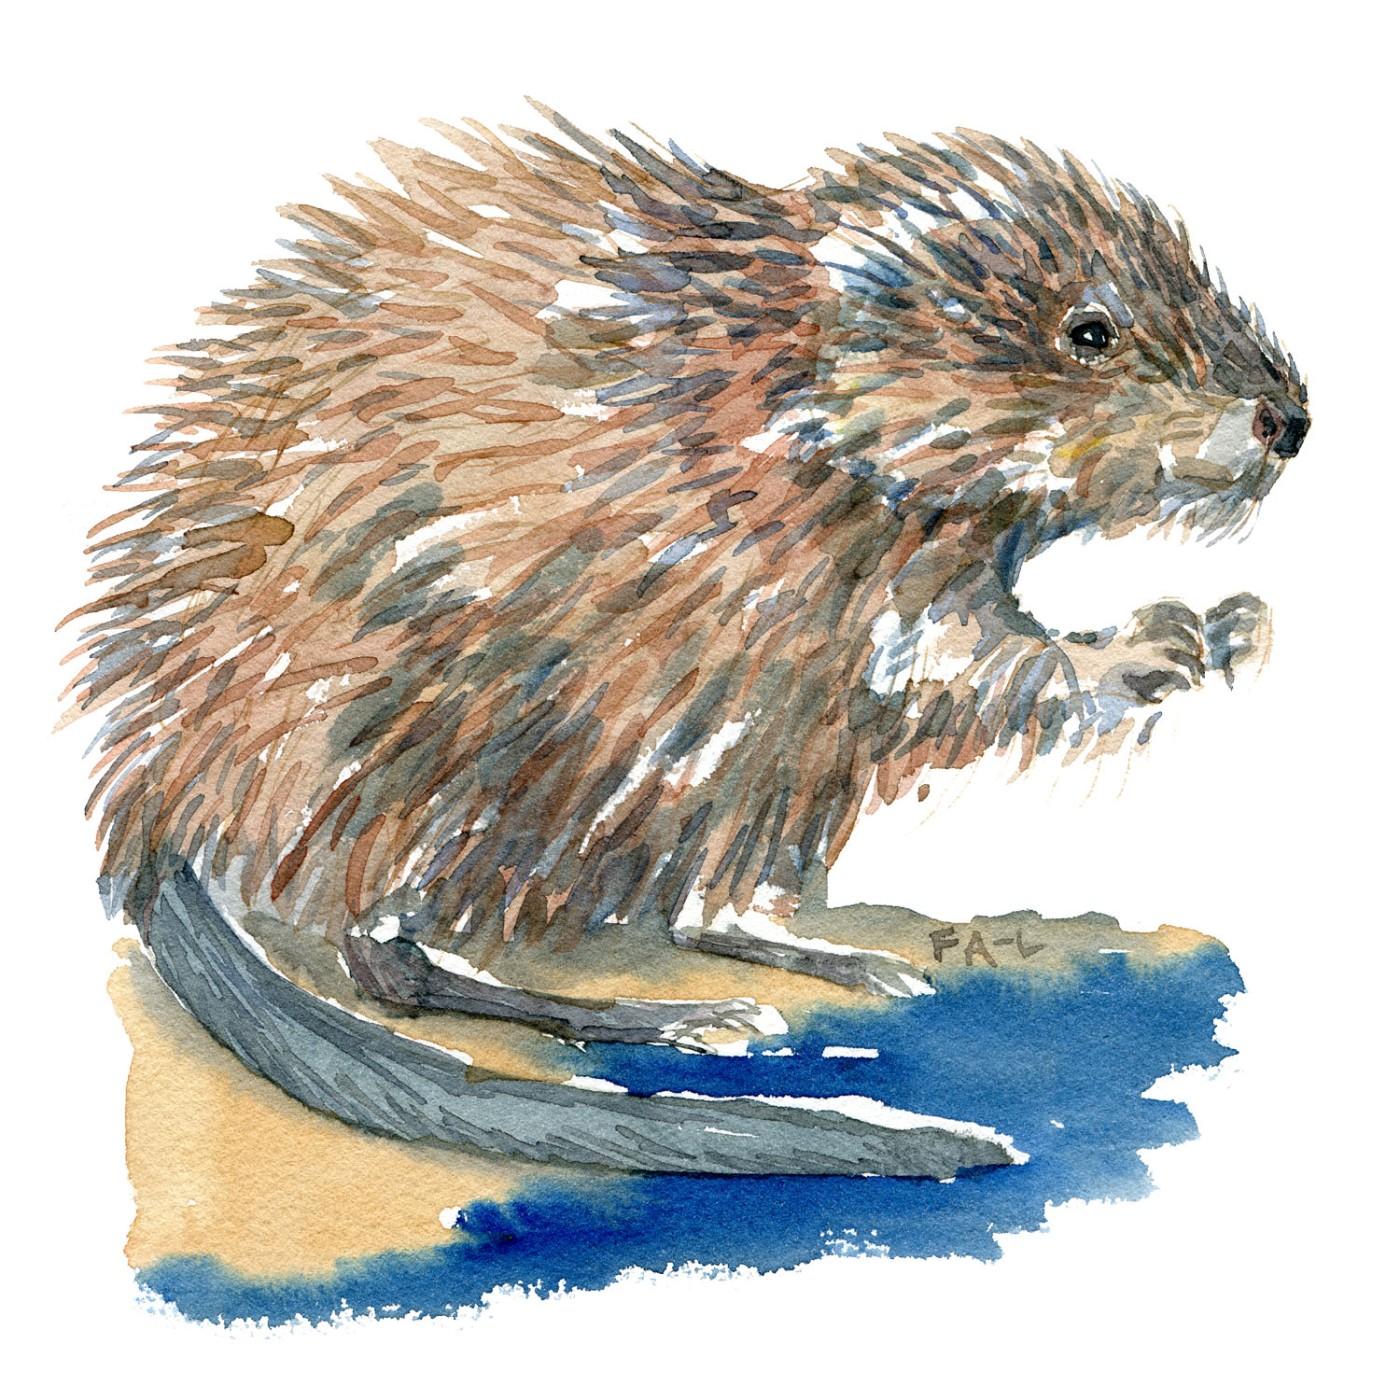 Akvarel af Bisamrotte, tegning af frits Ahlefeldt